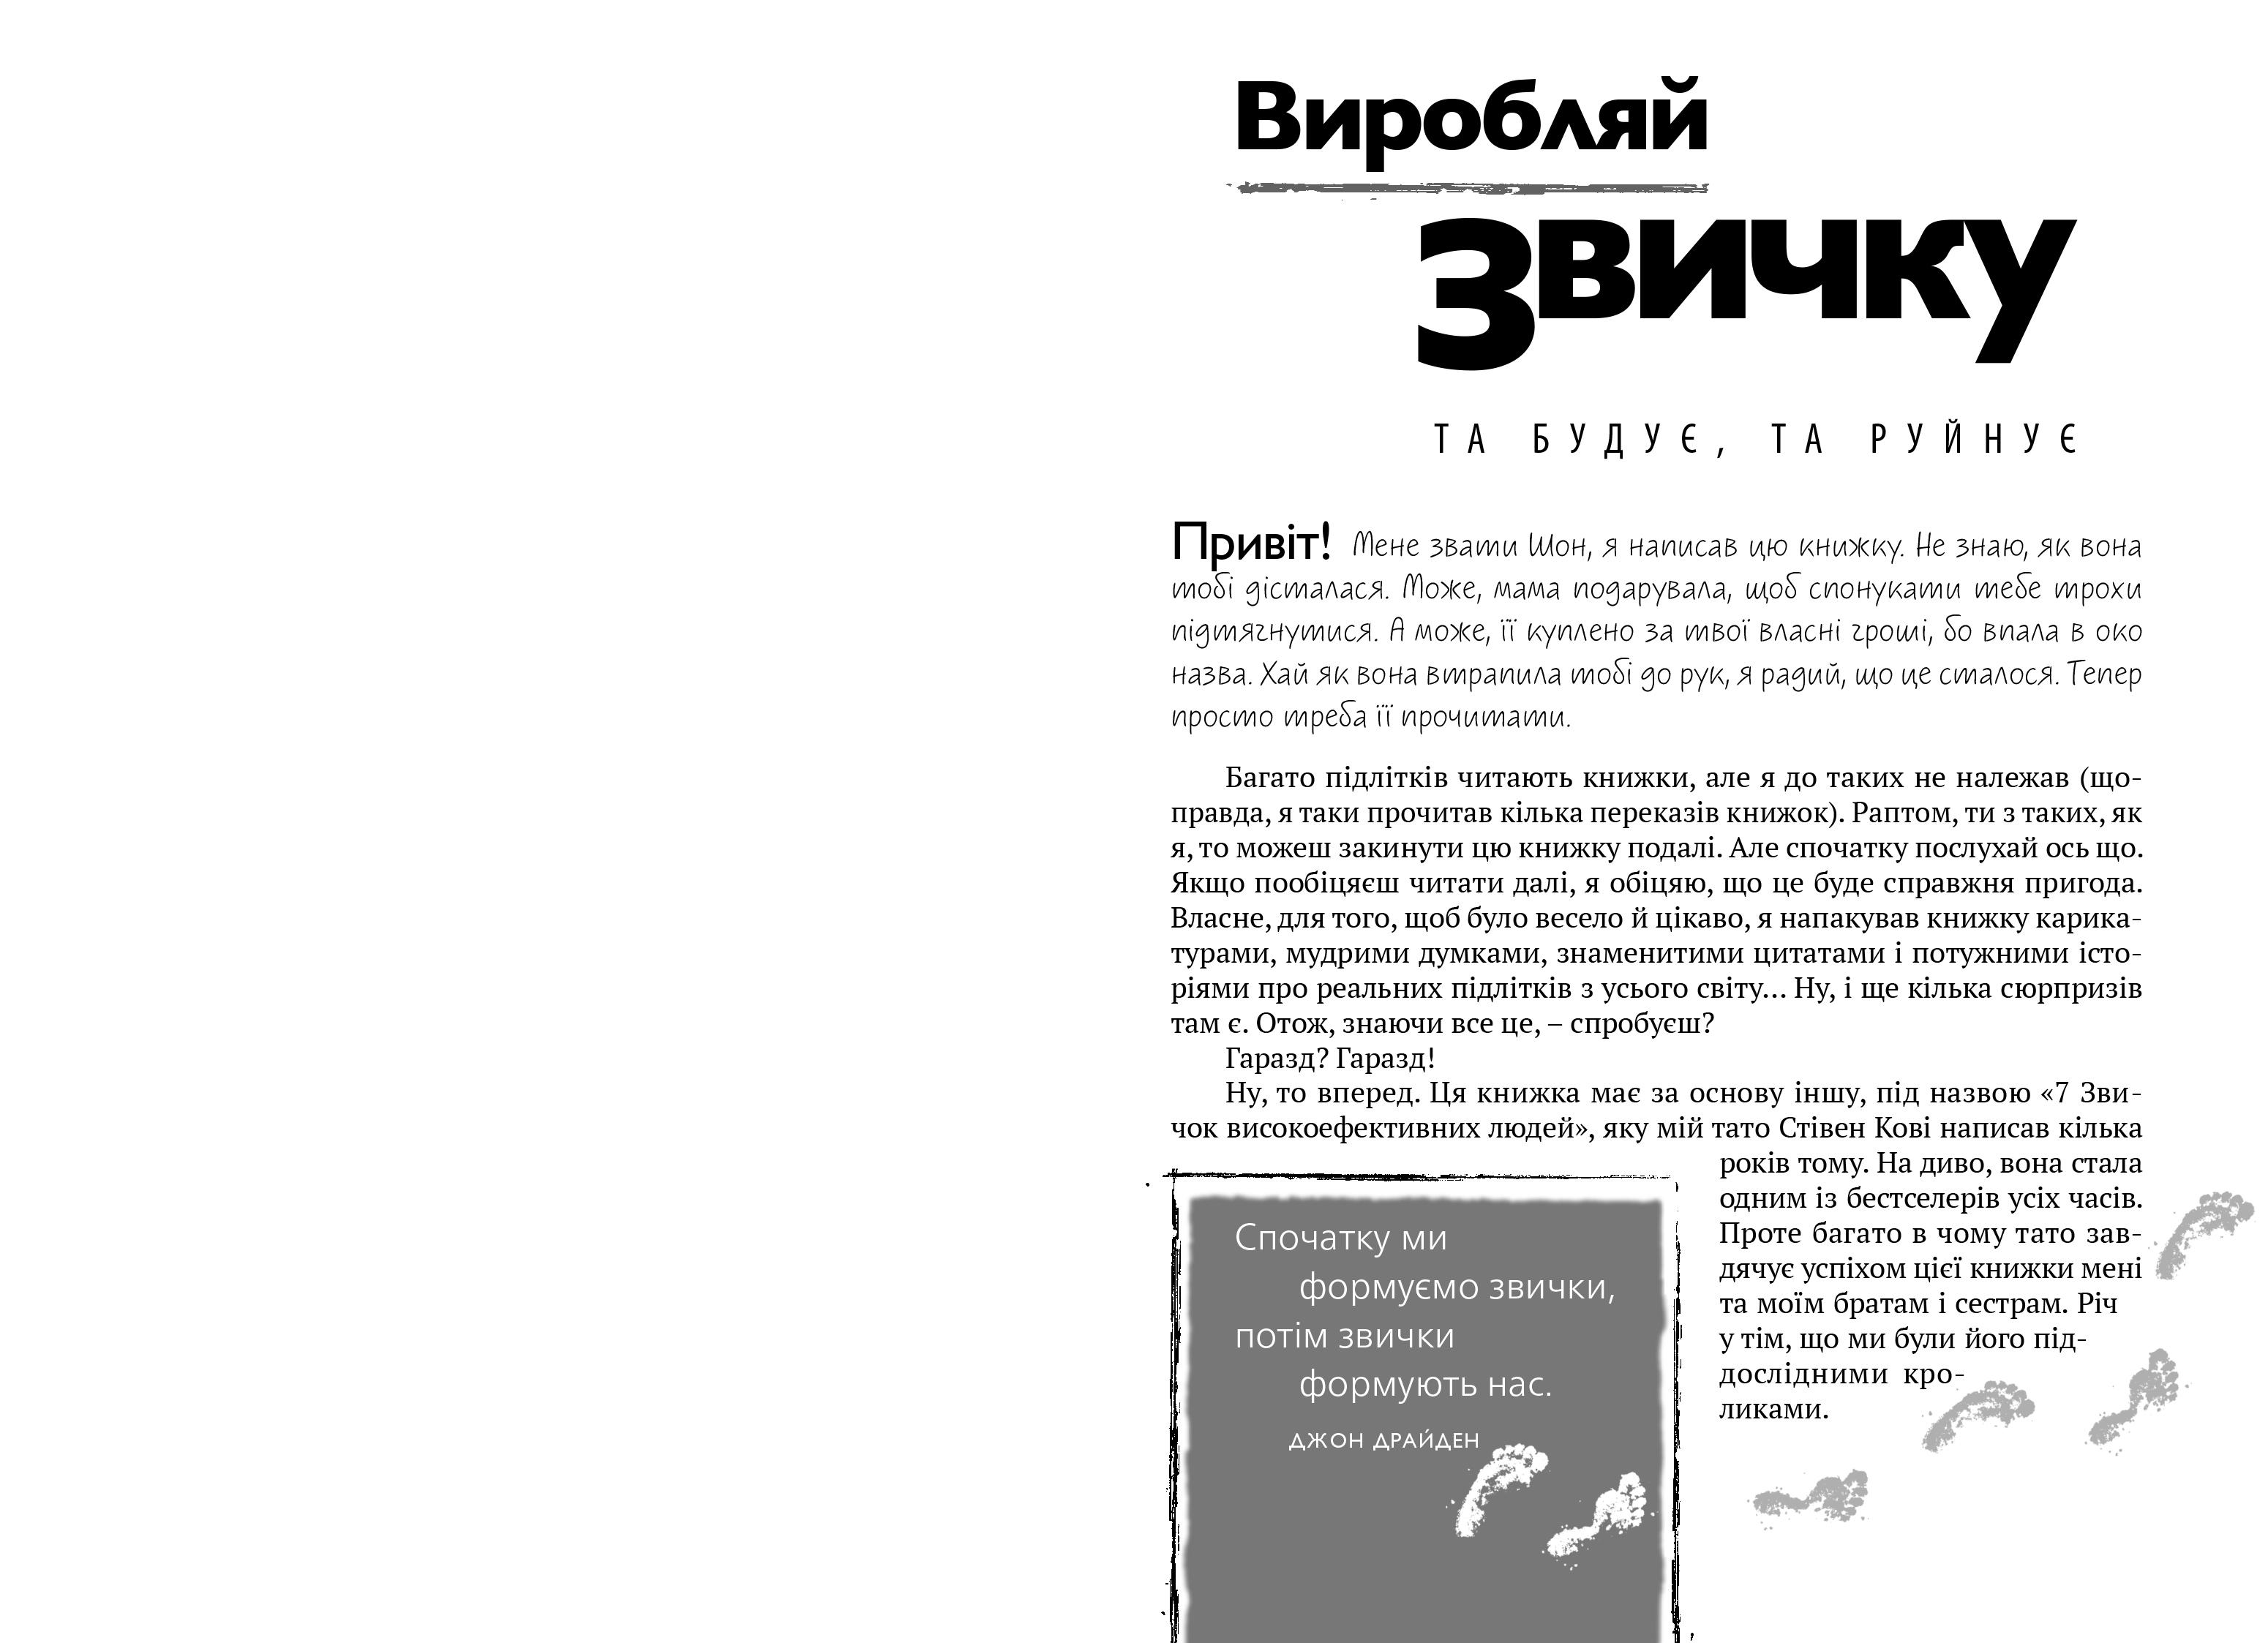 7 звичок високоефективних підлітків (Шон Кови) купить книгу в Киеве и  Украине. ISBN 978-617-679-164-5 b59fa15557fb1